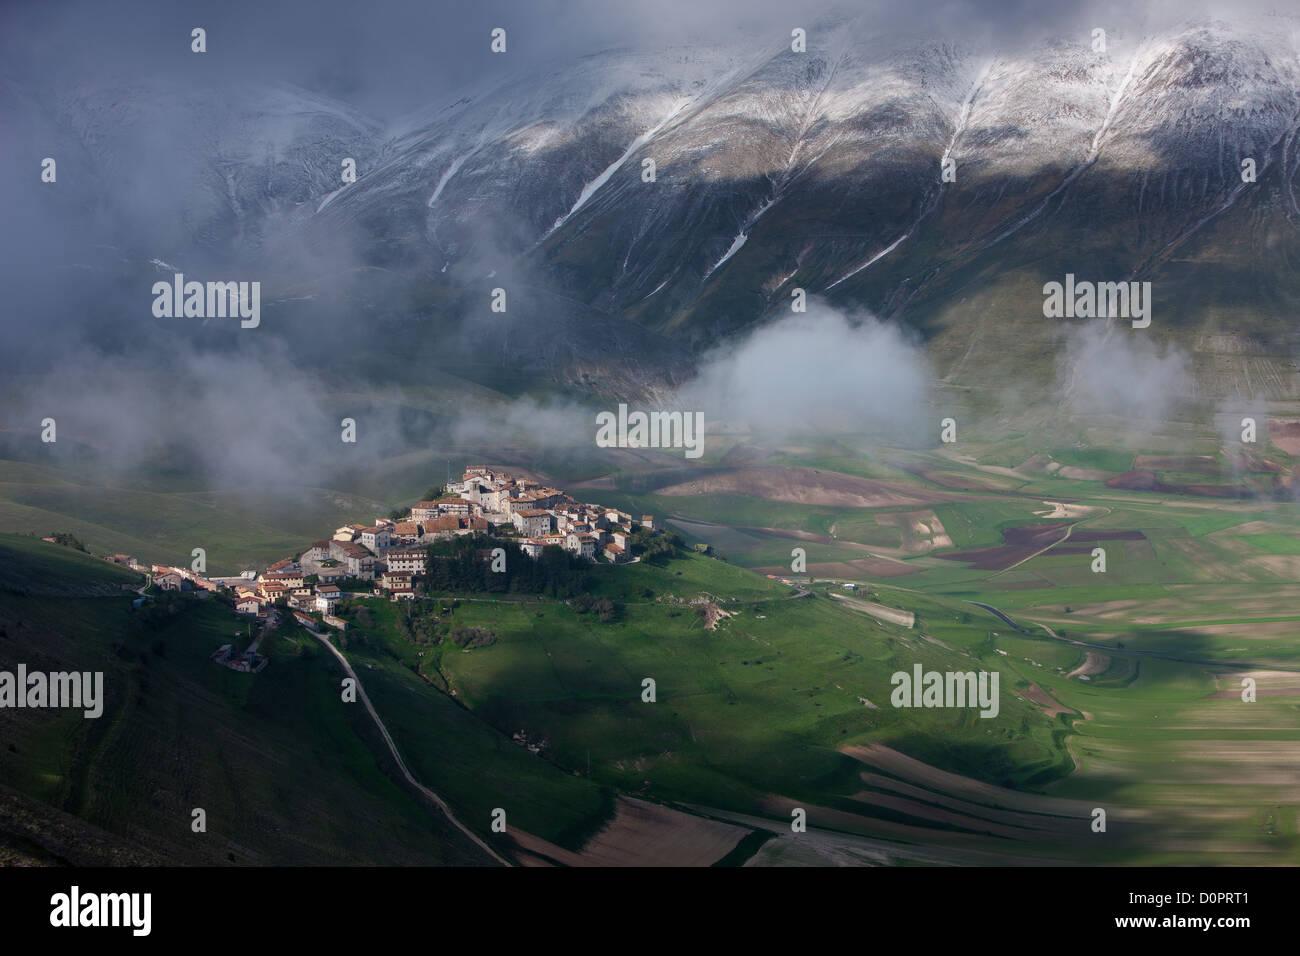 Castelluccio and the Piano Grande, Monti Sibillini National Park, Umbria, Italy - Stock Image